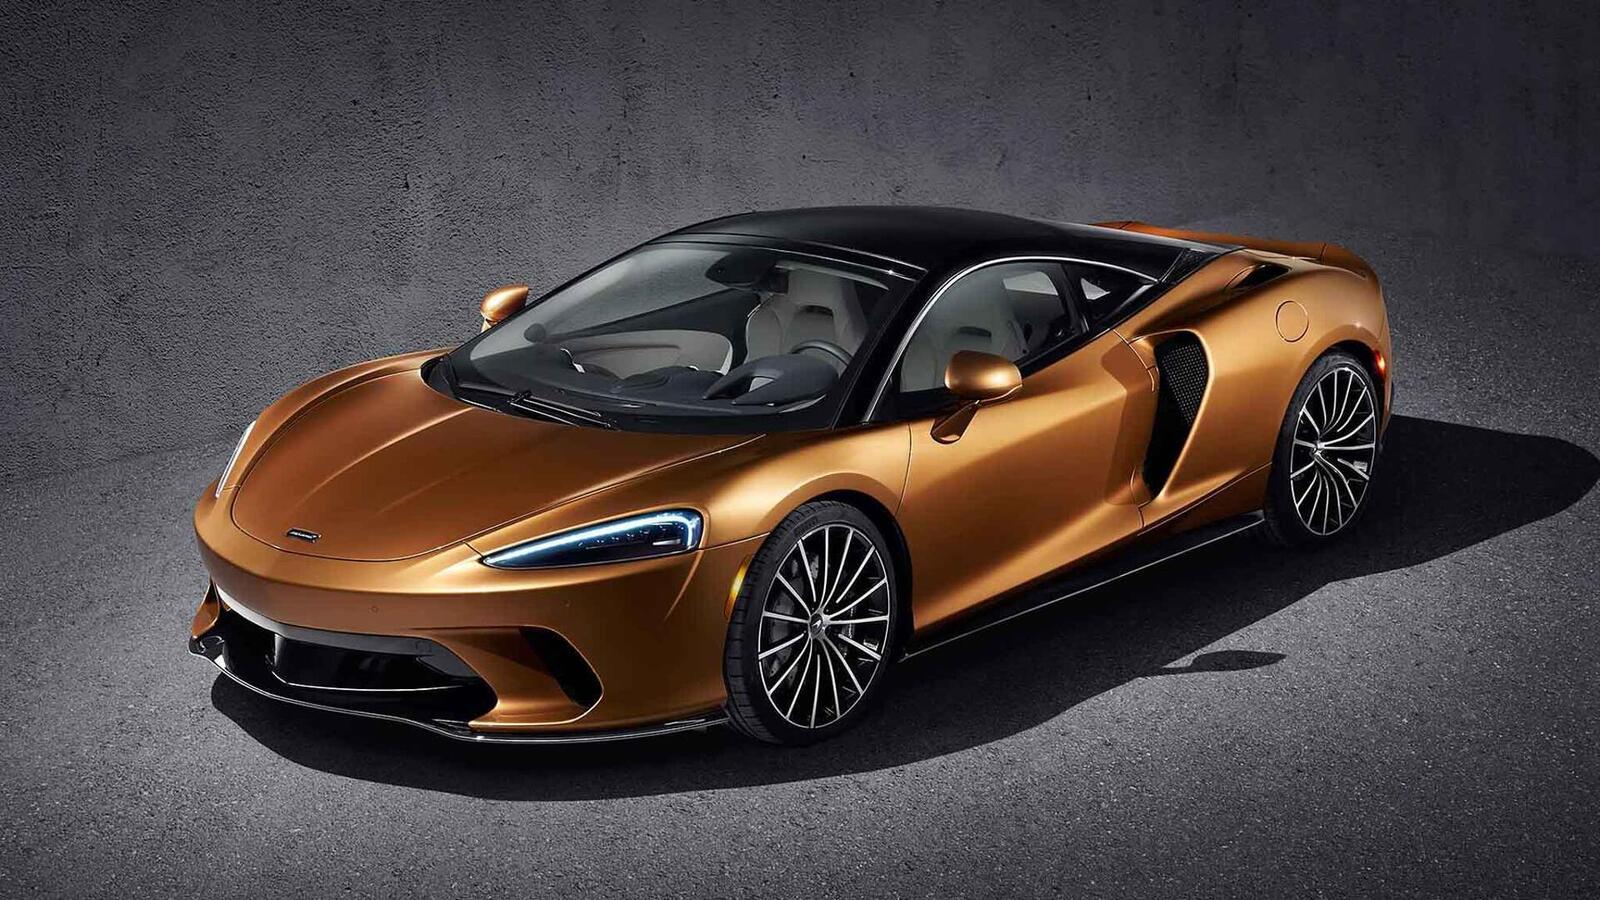 McLaren giới thiệu siêu xe GT 2020 hoàn toàn mới: Động cơ mạnh mẽ và cabin thoải mái - Hình 1